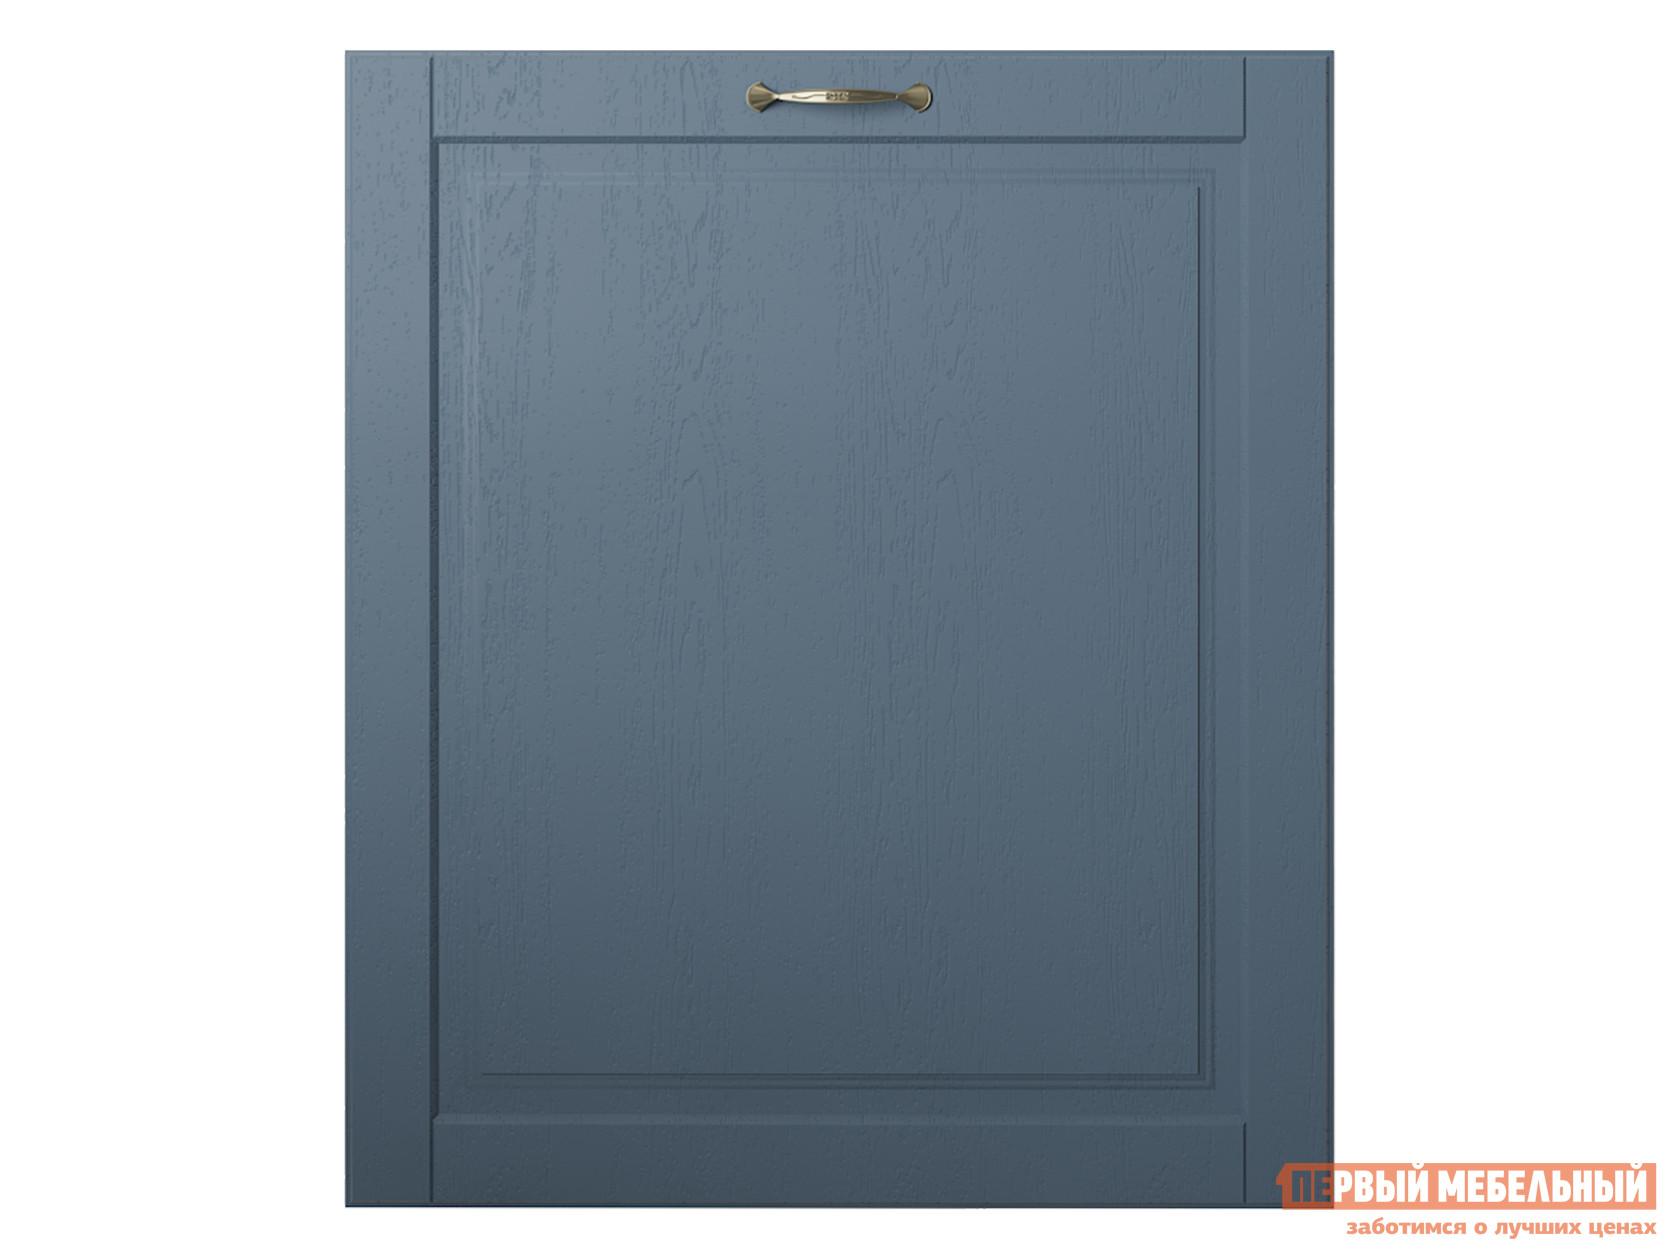 Кухонный модуль Первый Мебельный Фасад для встраиваемой техники 60 см Палермо